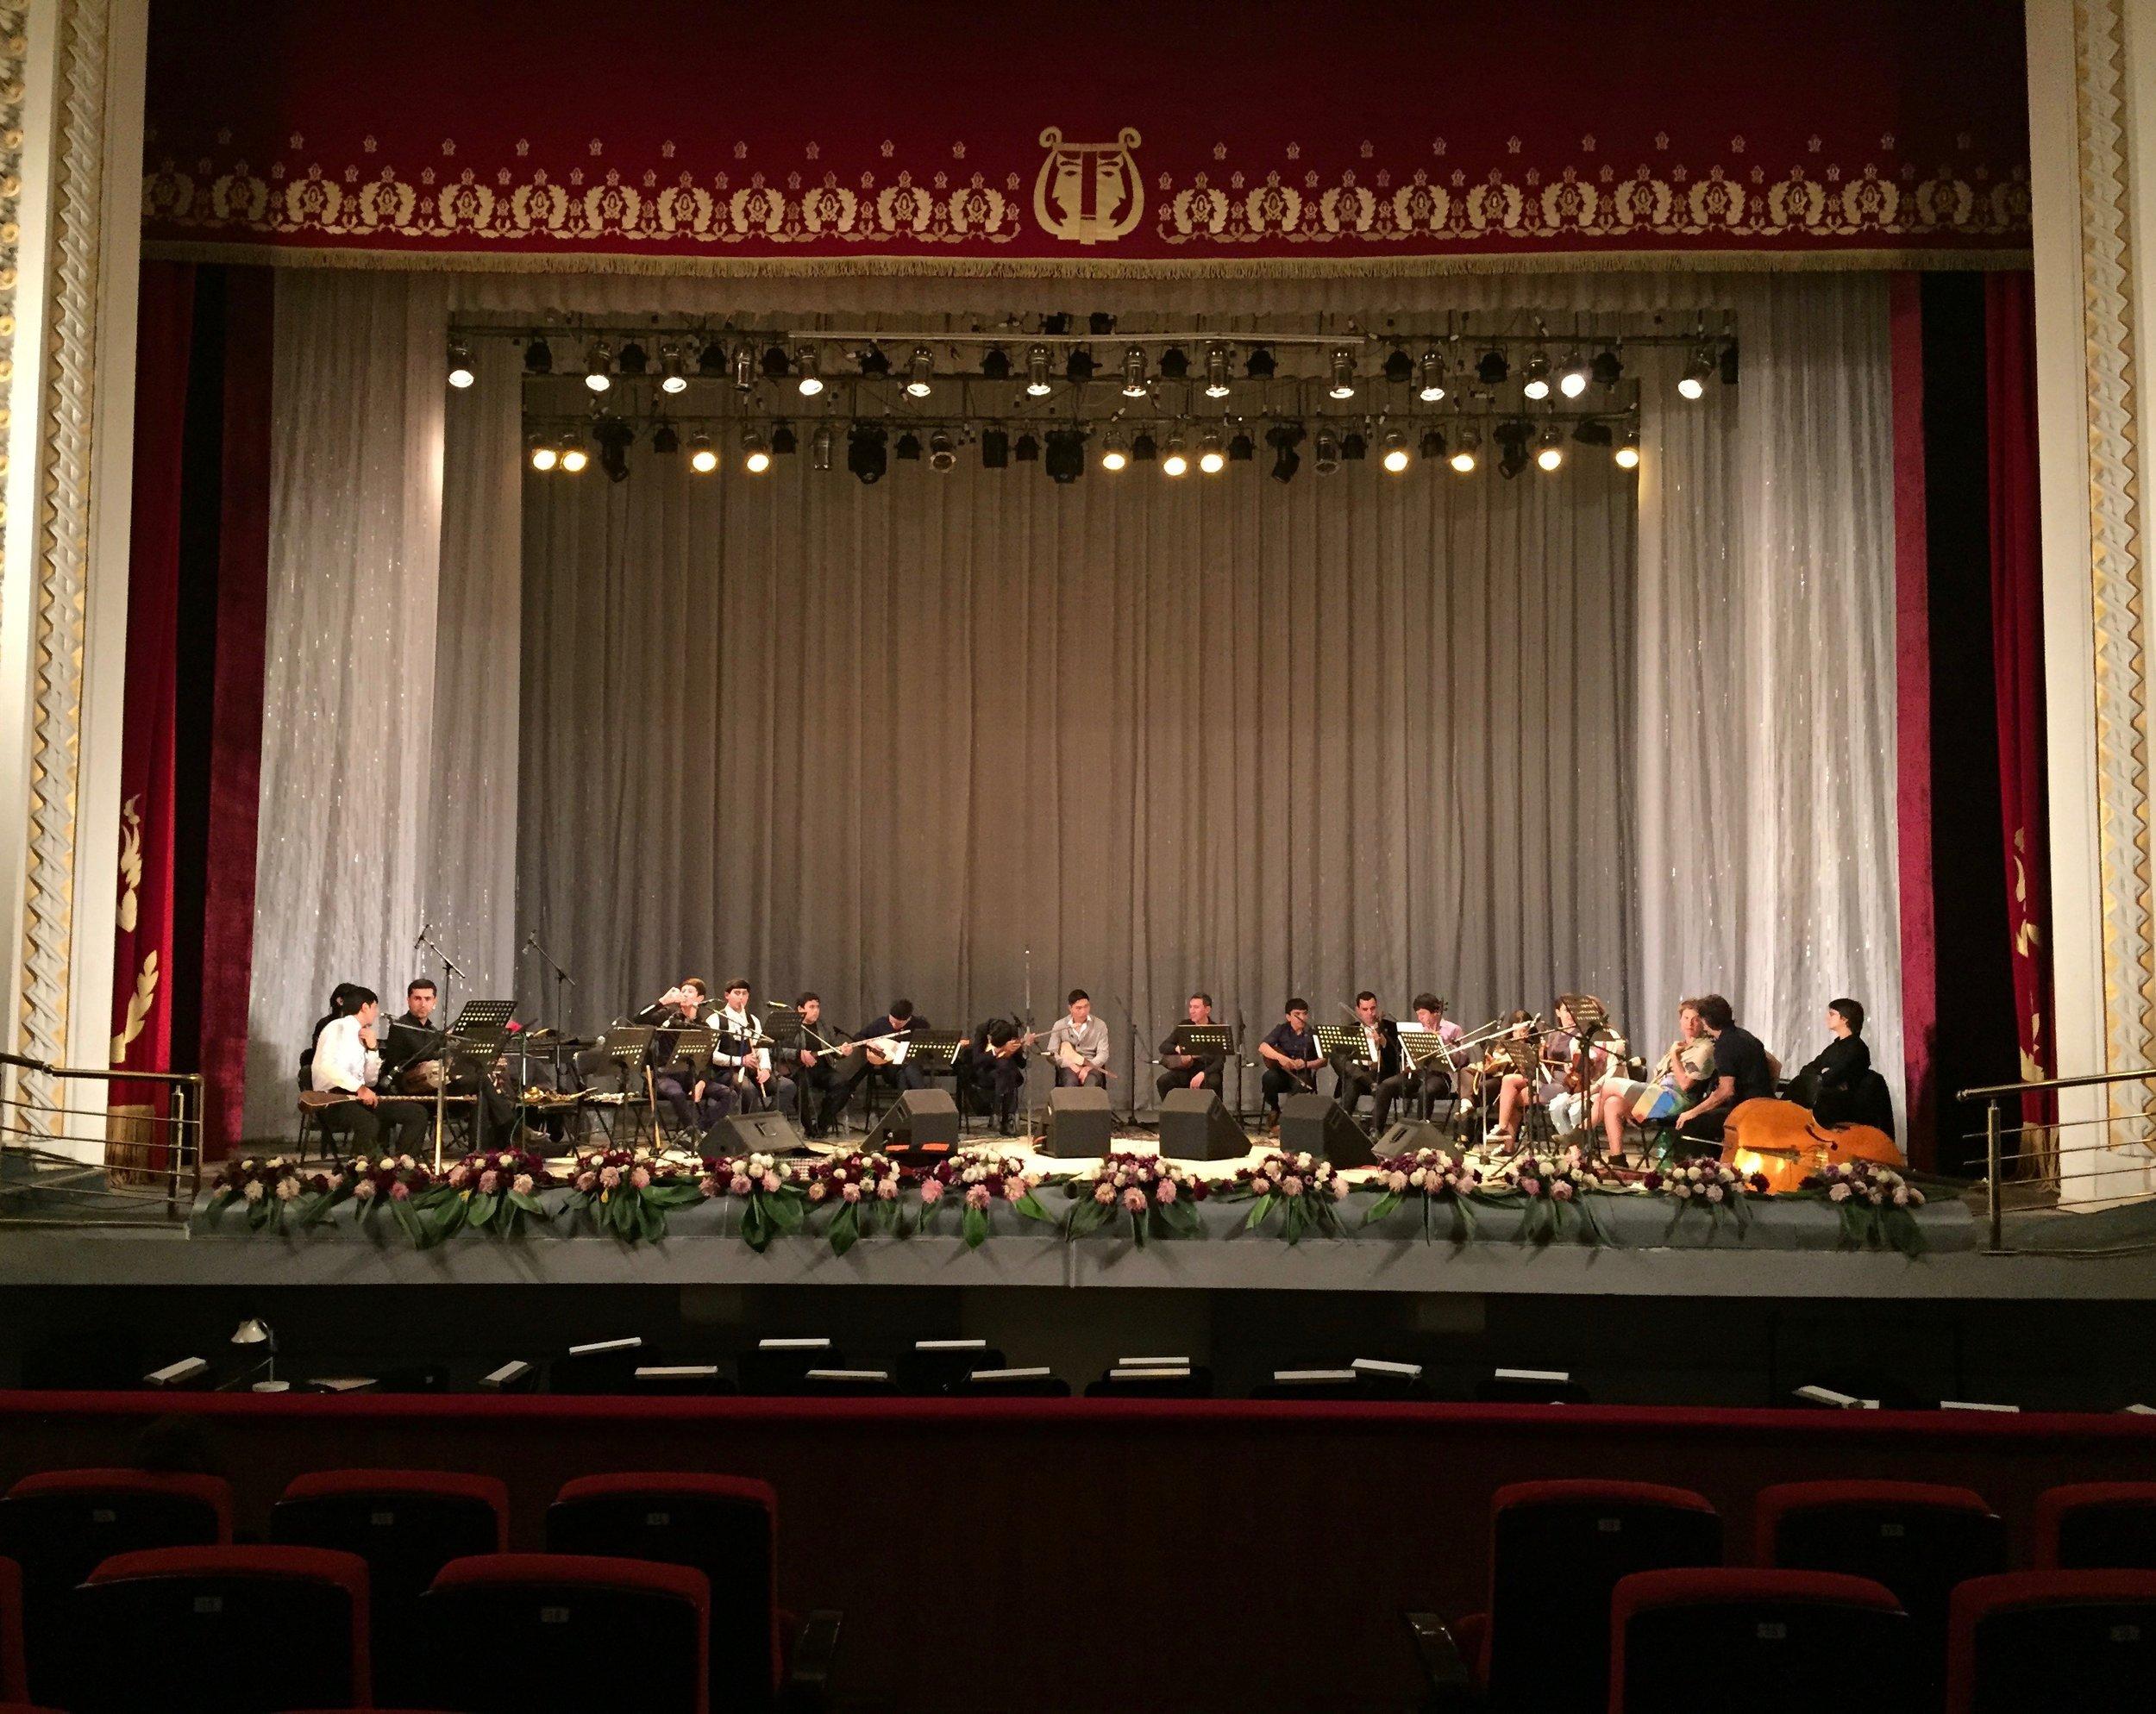 Soundcheck in Dushanbe, Tajikistan